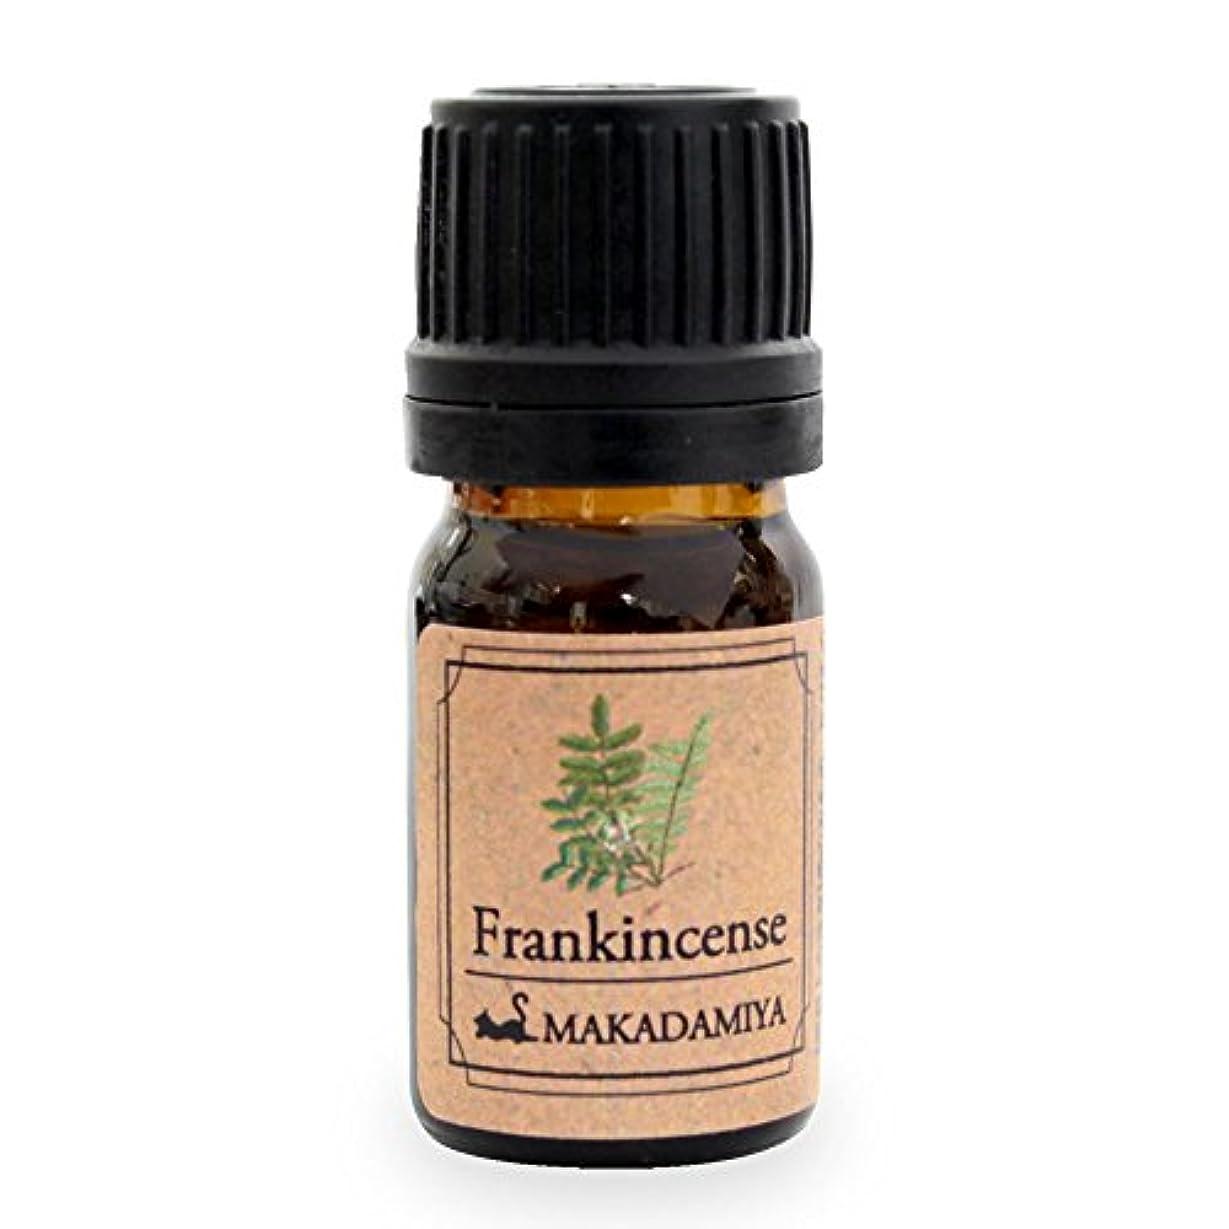 ミル残酷見せますフランキンセンス5ml 天然100%植物性 エッセンシャルオイル(精油) アロマオイル アロママッサージ aroma Frankincense